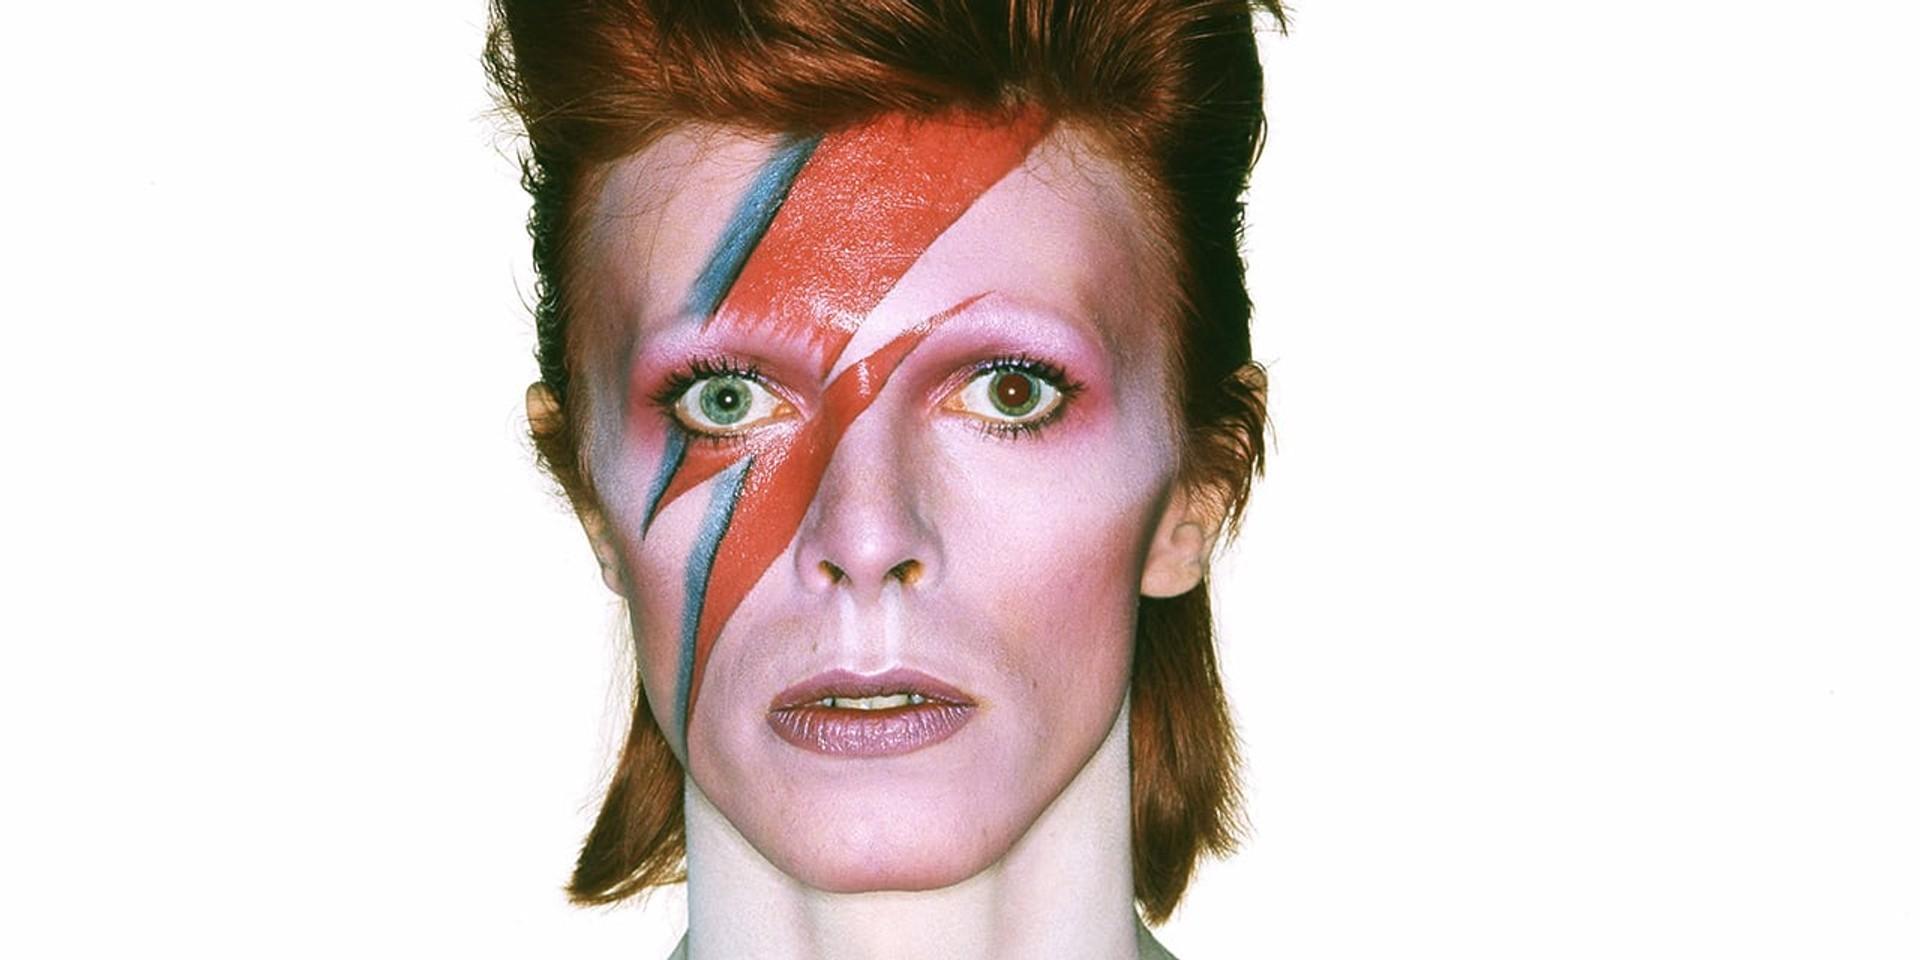 David Bowie's estate announces 'Space Oddity' 50th anniversary boxset